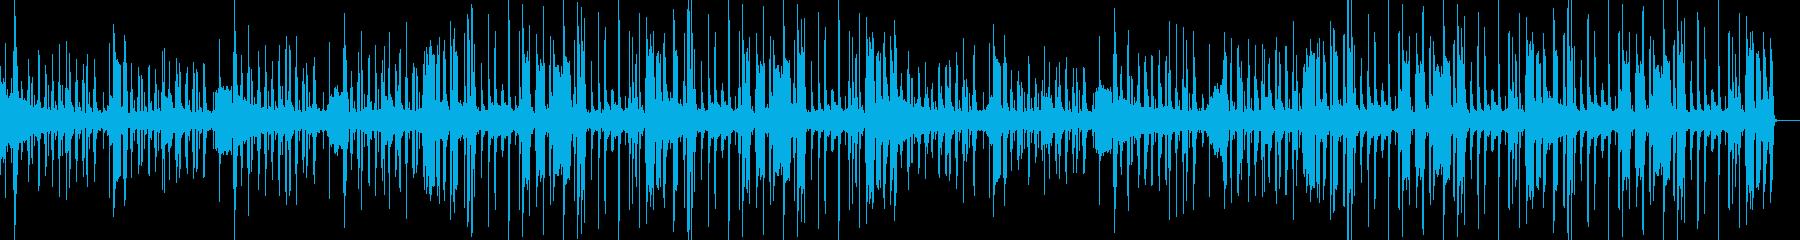 ファンク・フュージョンっぽいブラスの曲の再生済みの波形